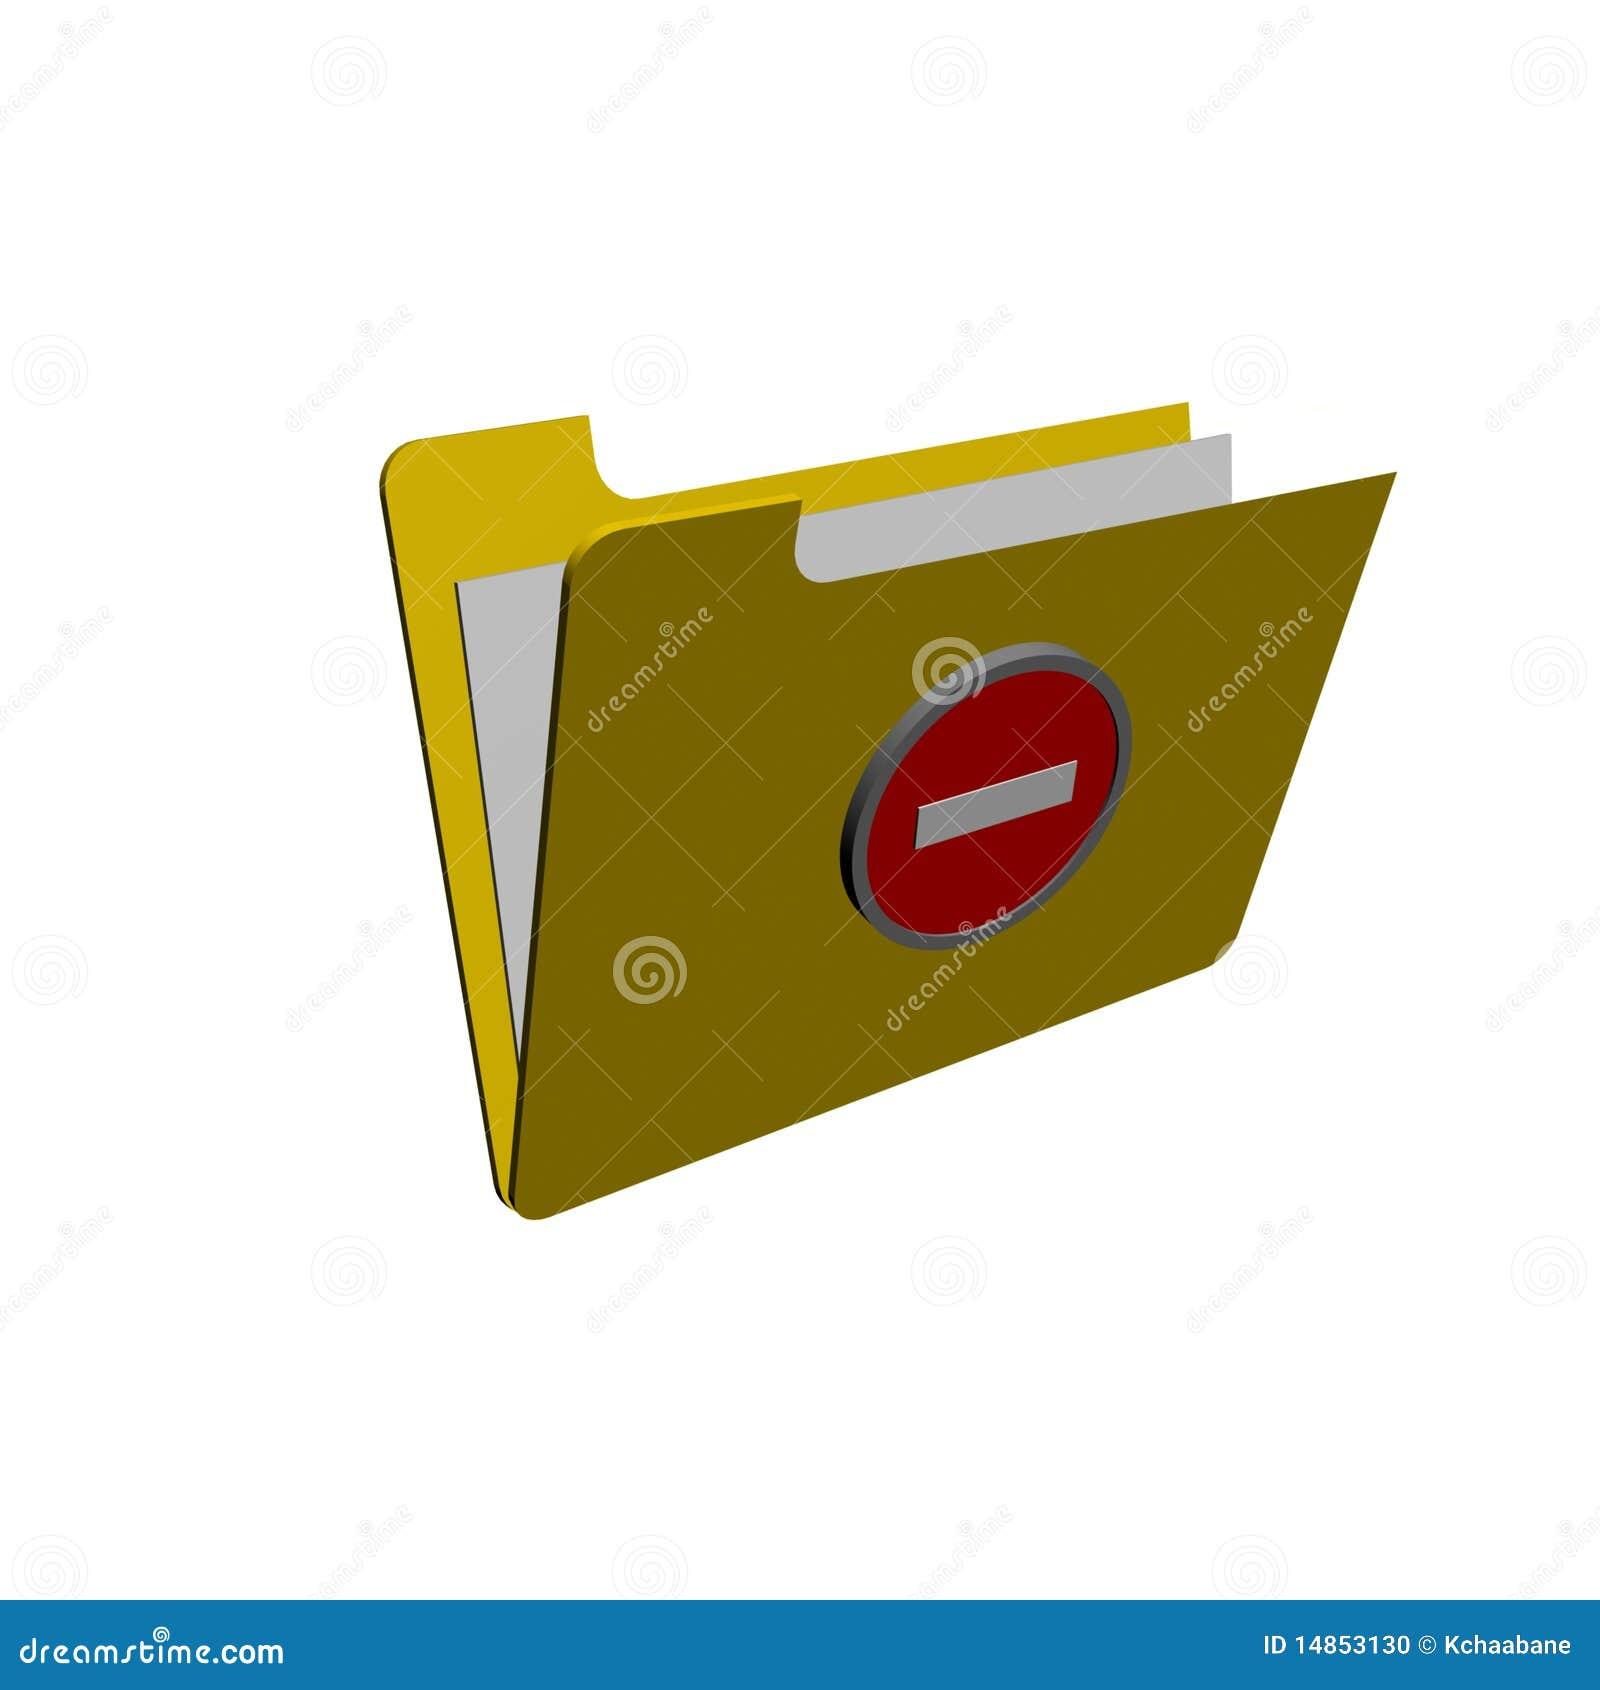 Locked Folder Stock Photo - Image: 14853130